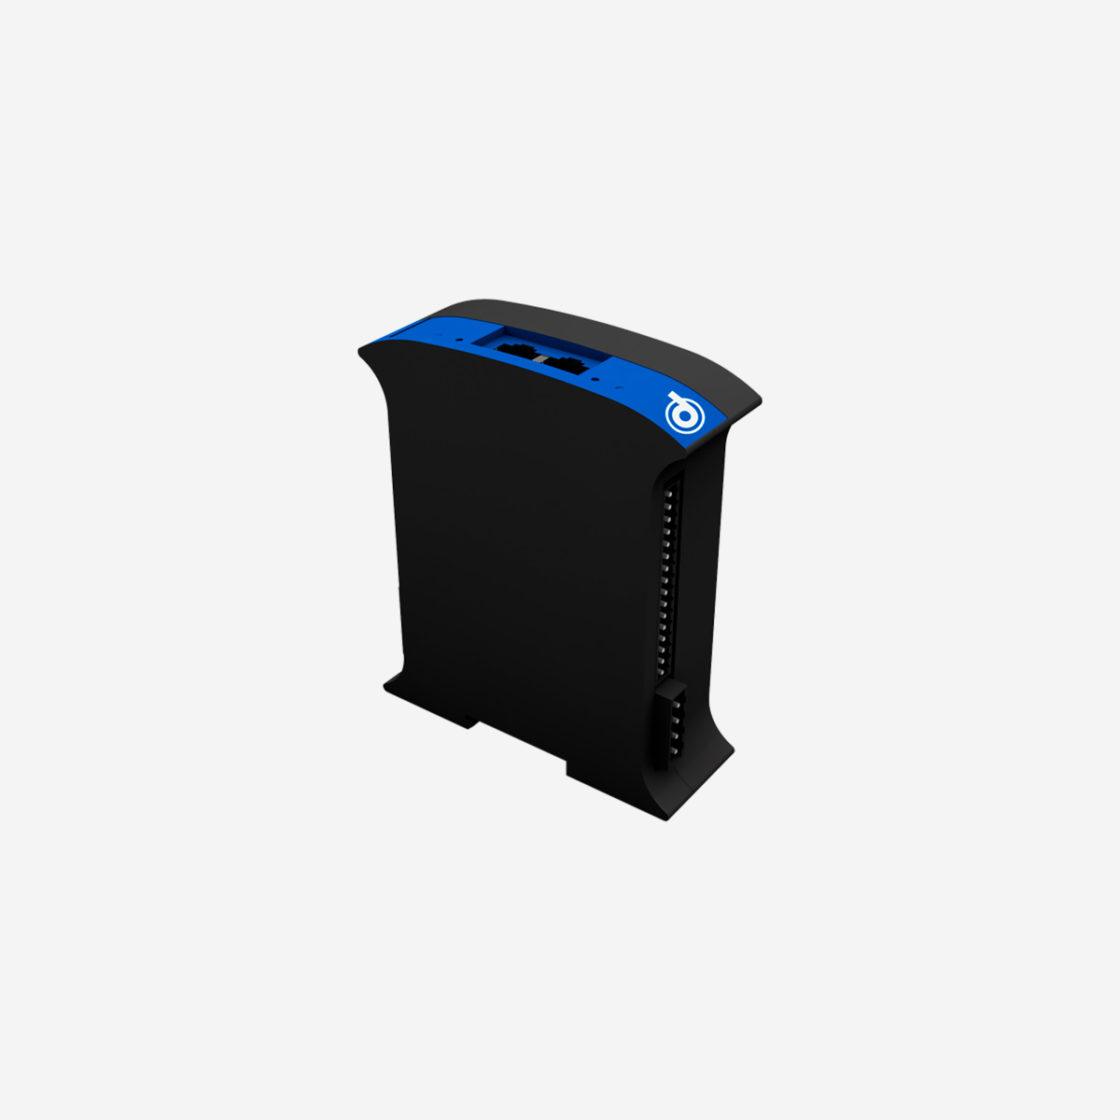 Electrónica Control Motor DC Dunkermotoren